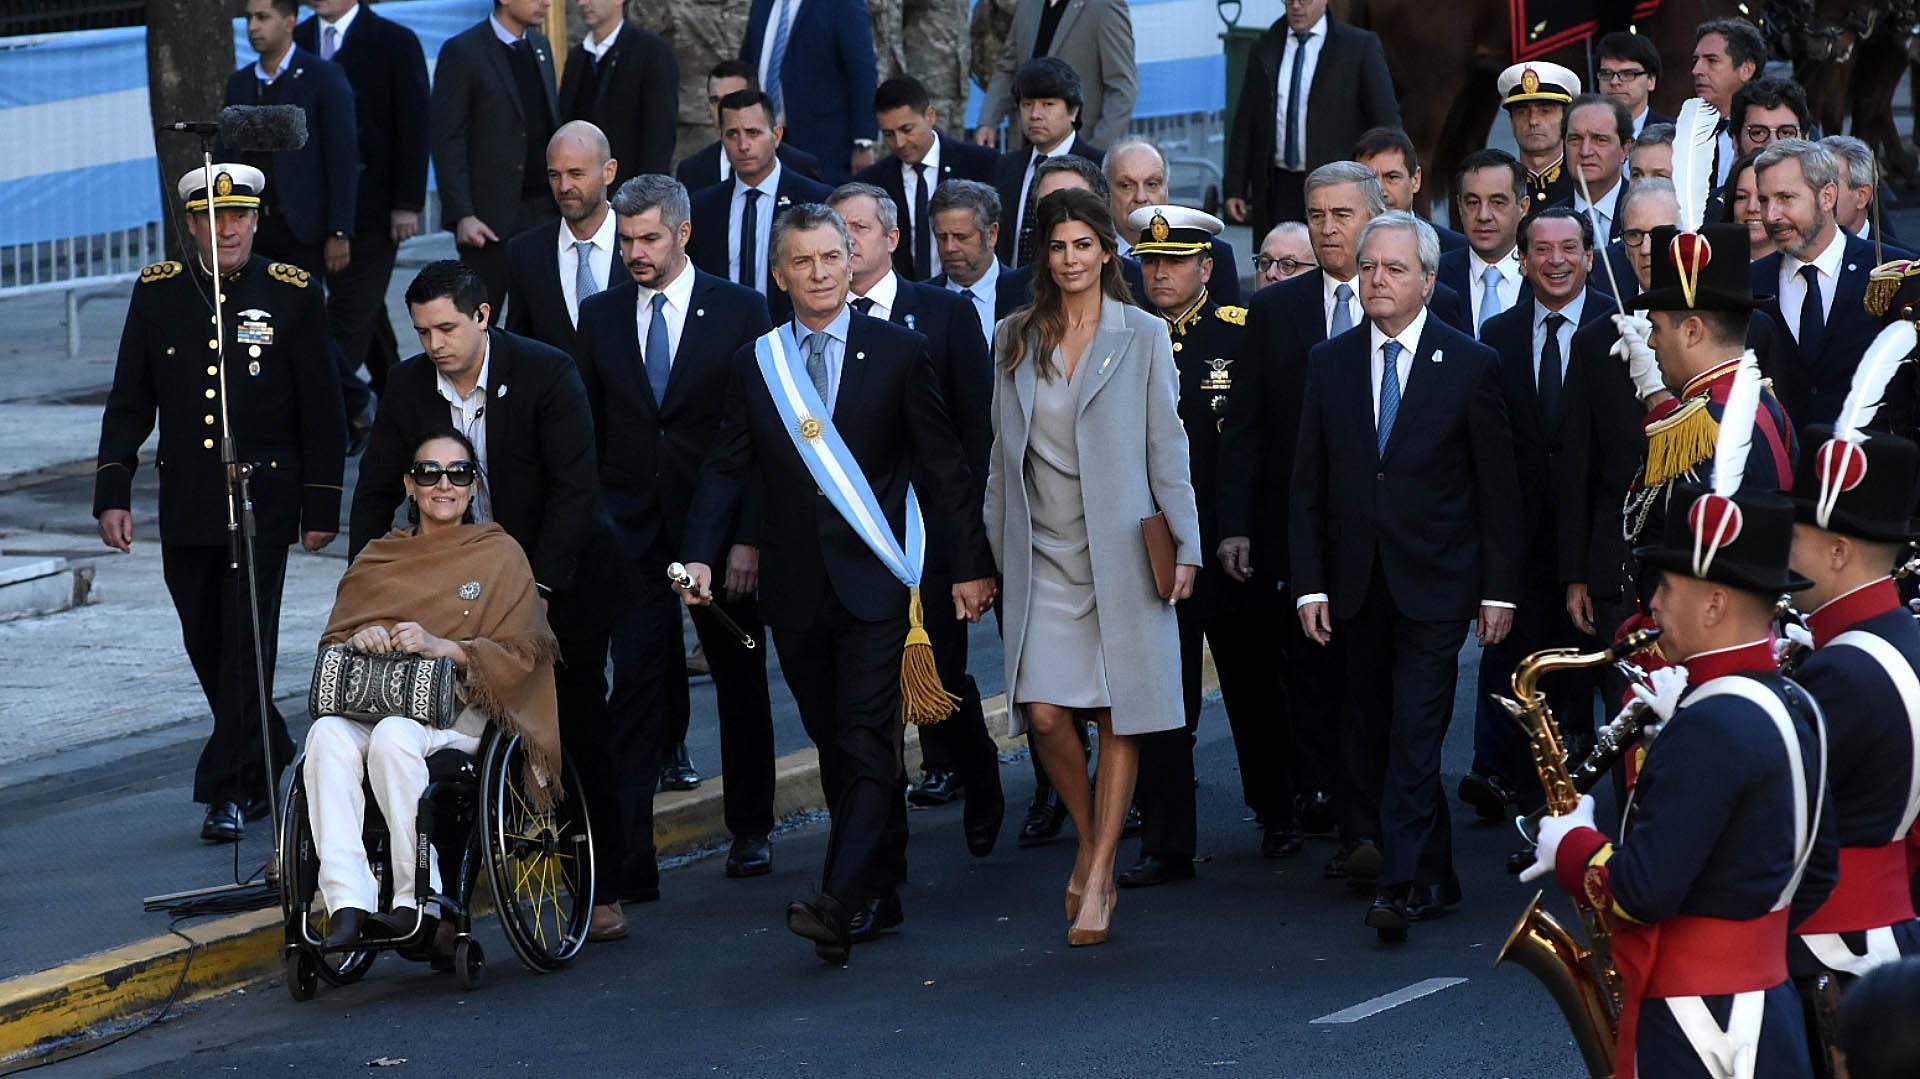 El Presidente, acompañado por la vicepresidenta Gabriela Michetti, el Jefe de Gabinete, Marcos Peña, y sus ministros